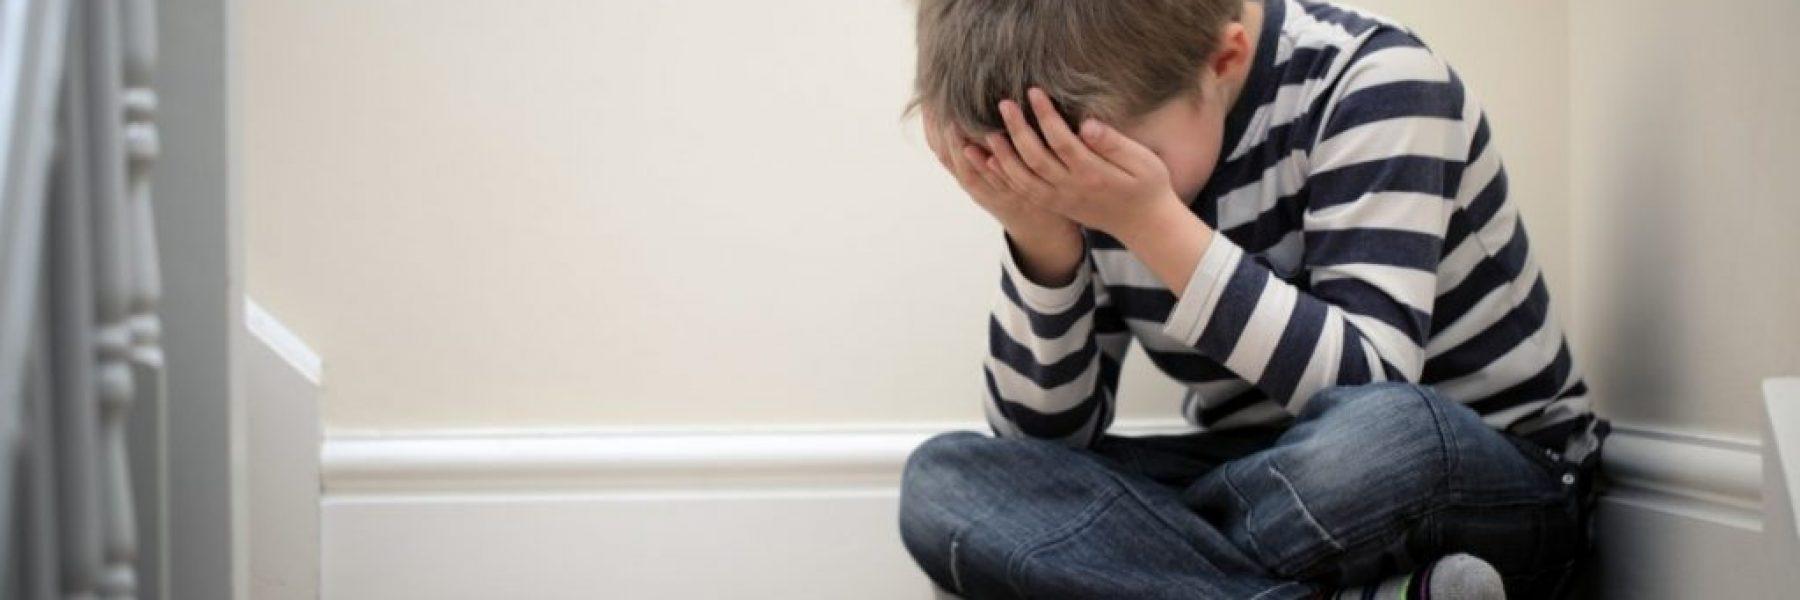 ansiedad-infantil